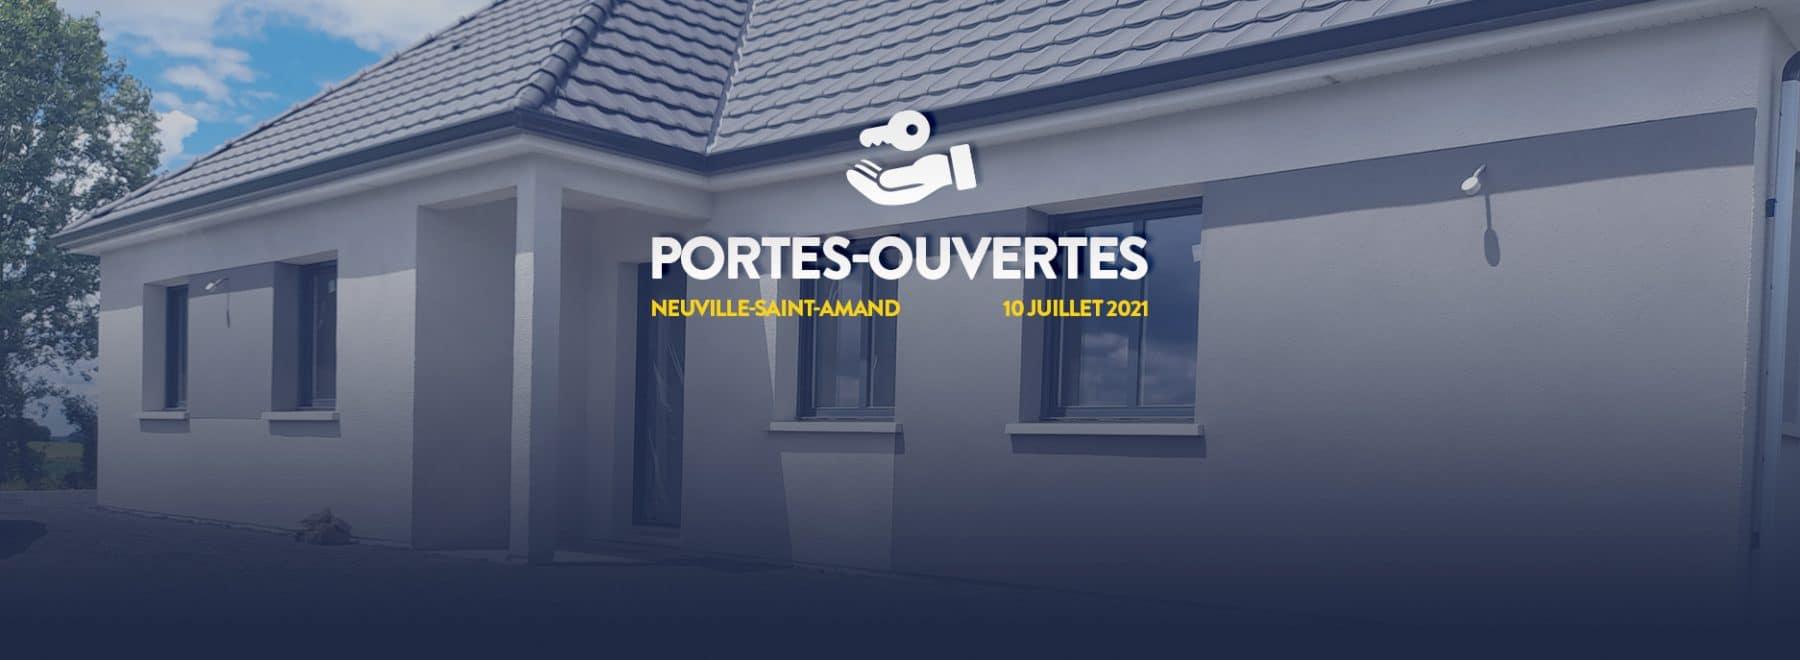 10-juillet-2021-–-porte-ouverte-a-neuville-saint-amand-(02)